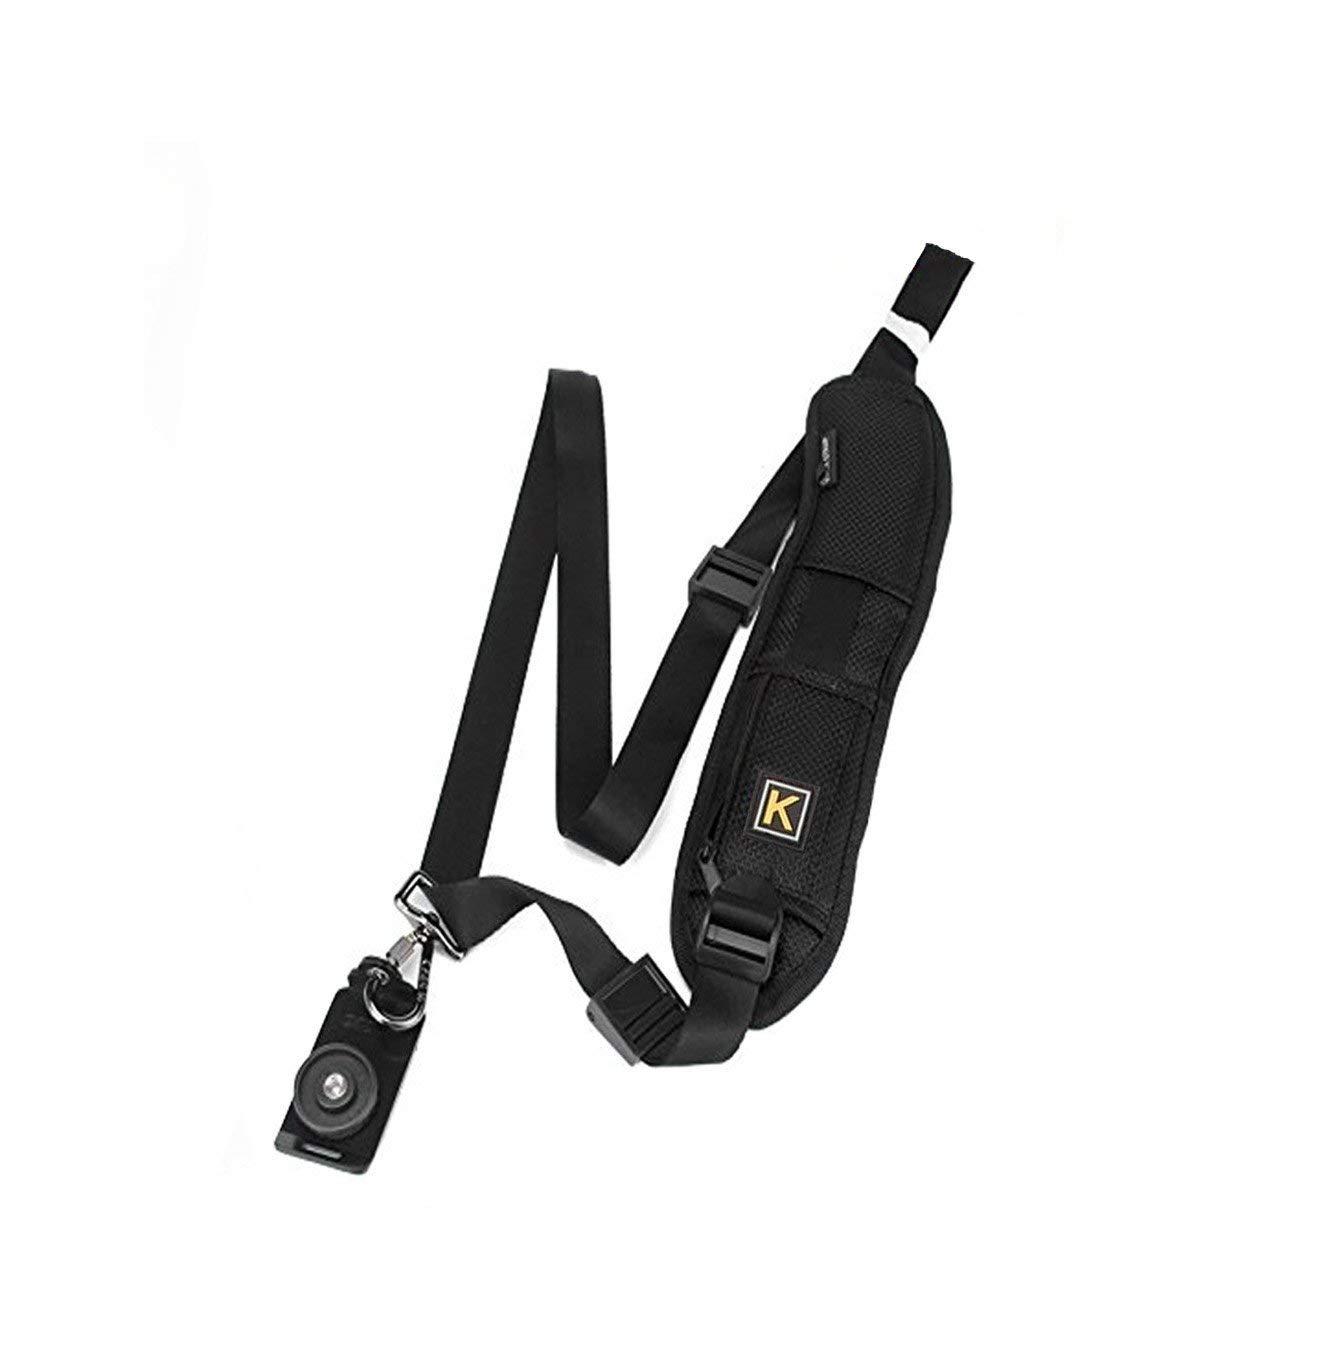 Adjustable Camera Strap Belt Shoulder Belt Camera Waist Strap Black Neck Belt Nylon Holder for Camera